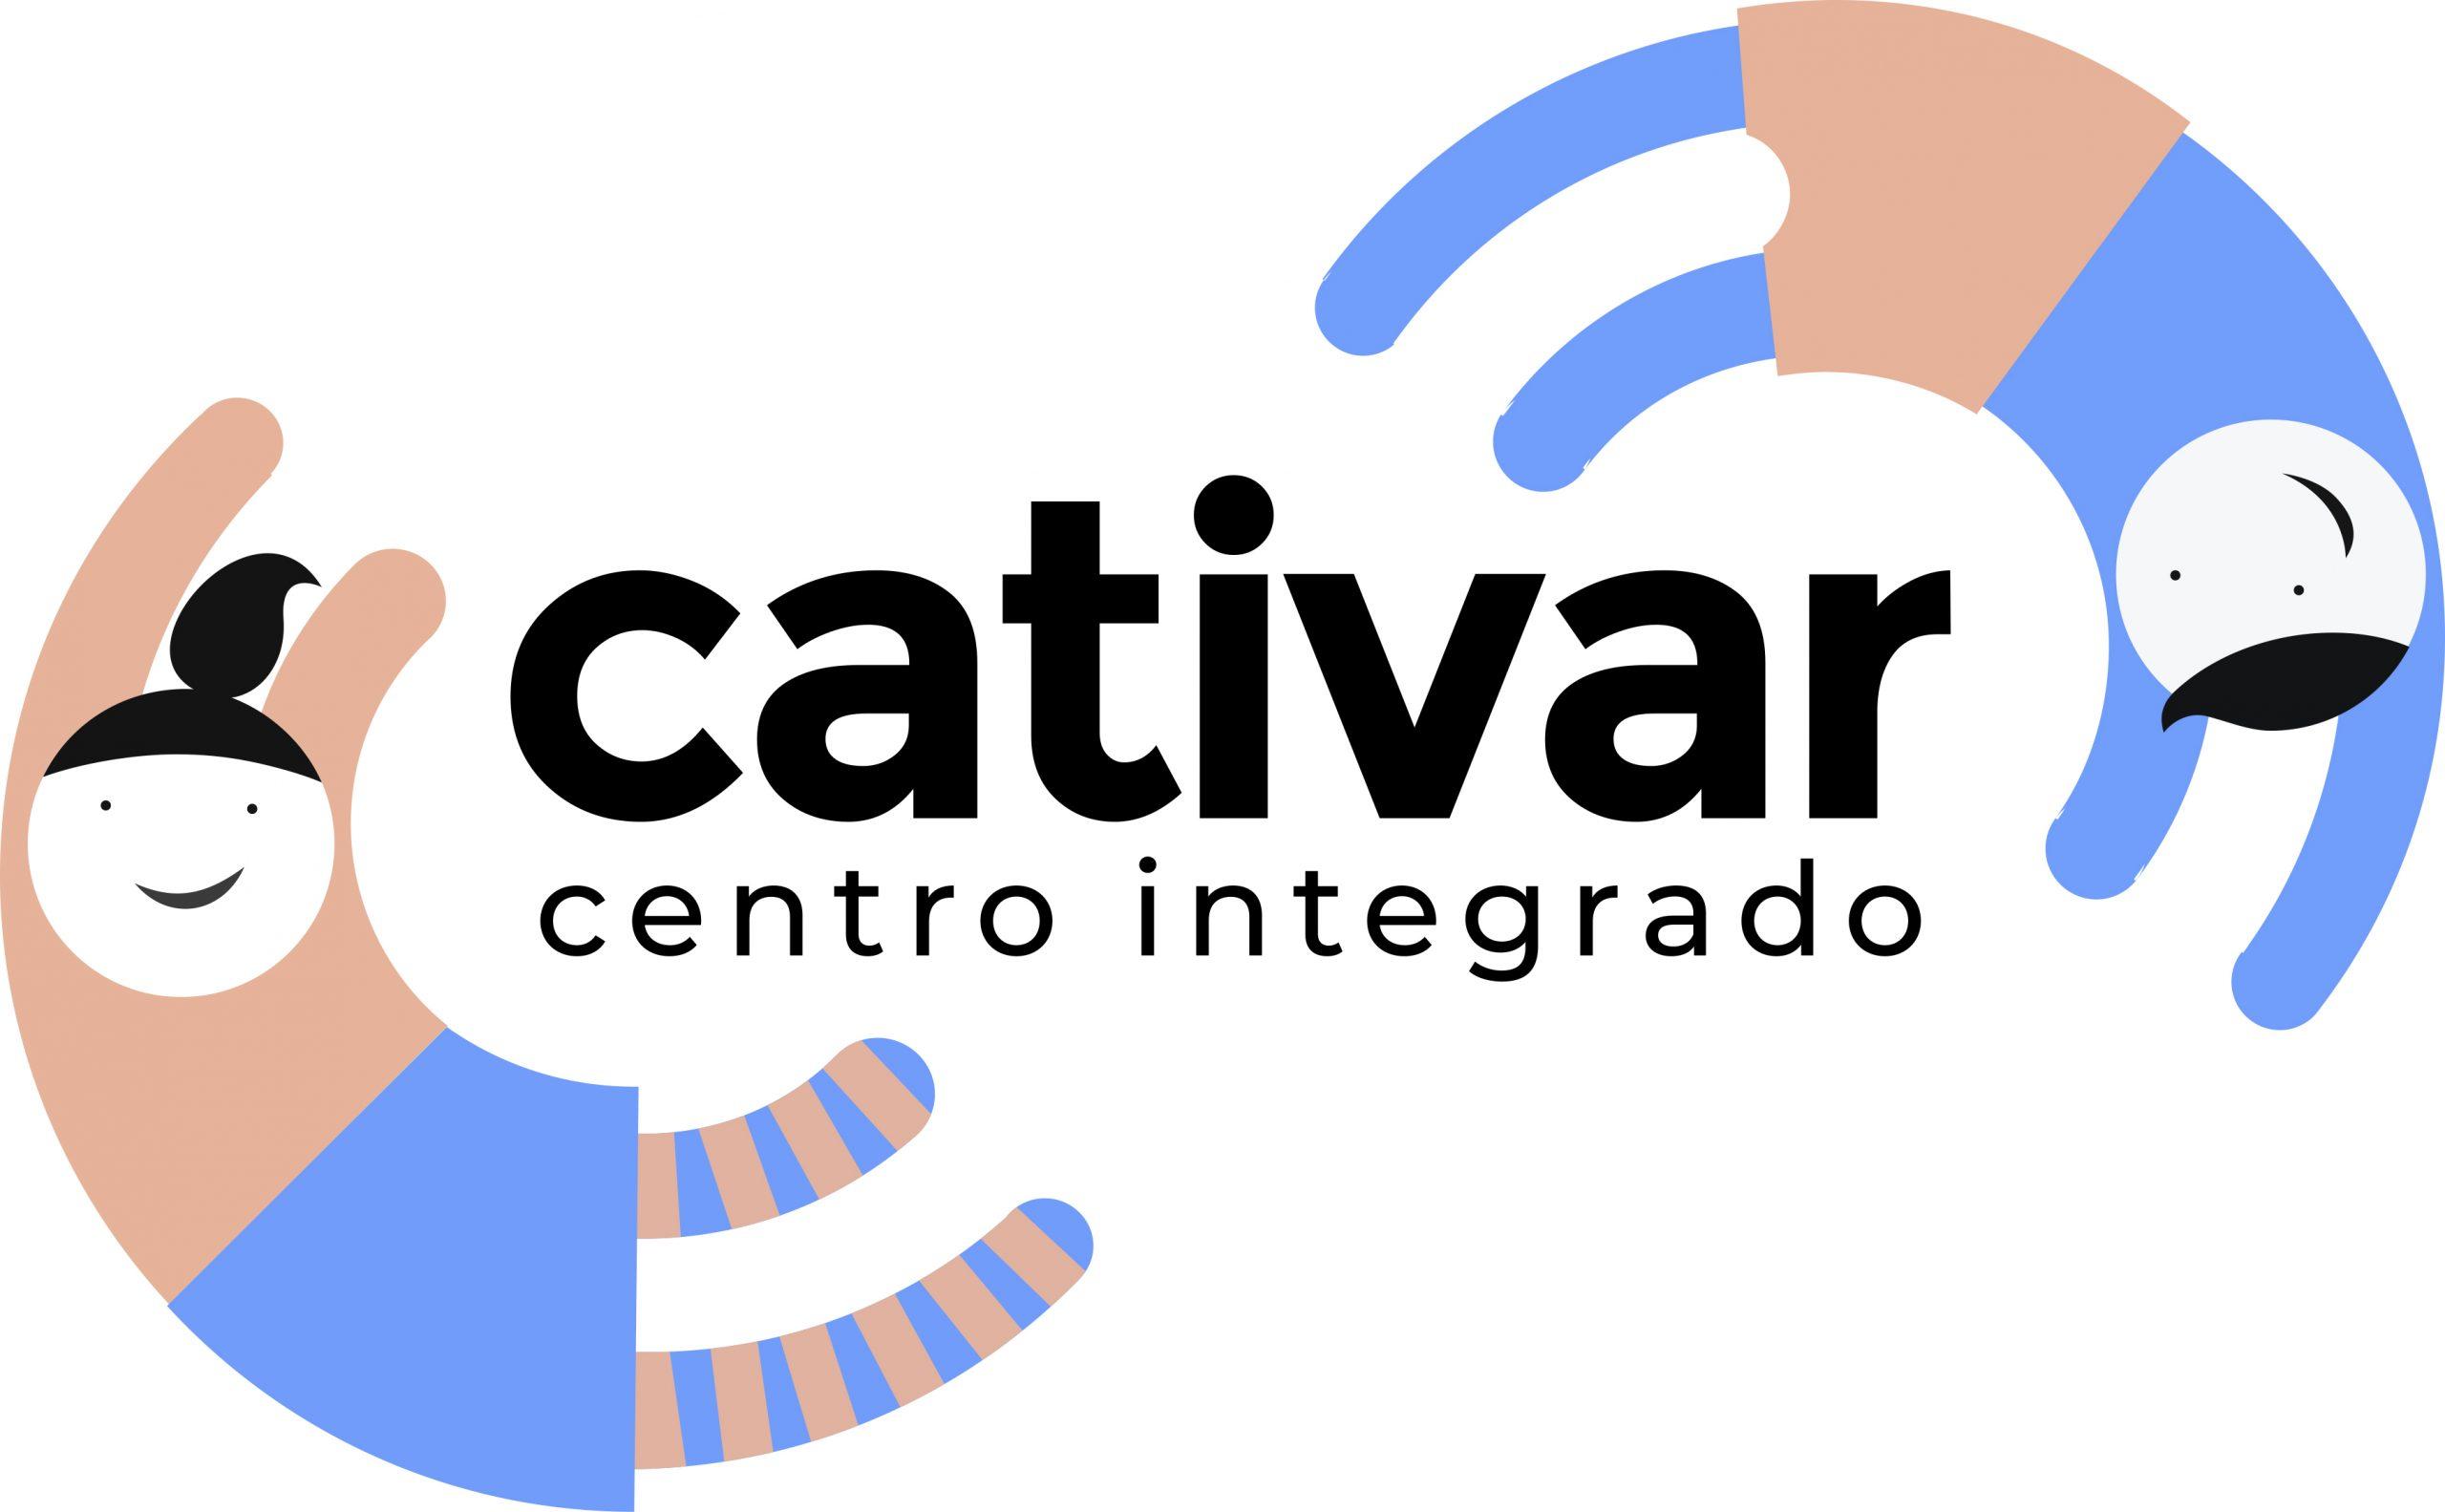 CATIVAR CENTRO INTEGRADO